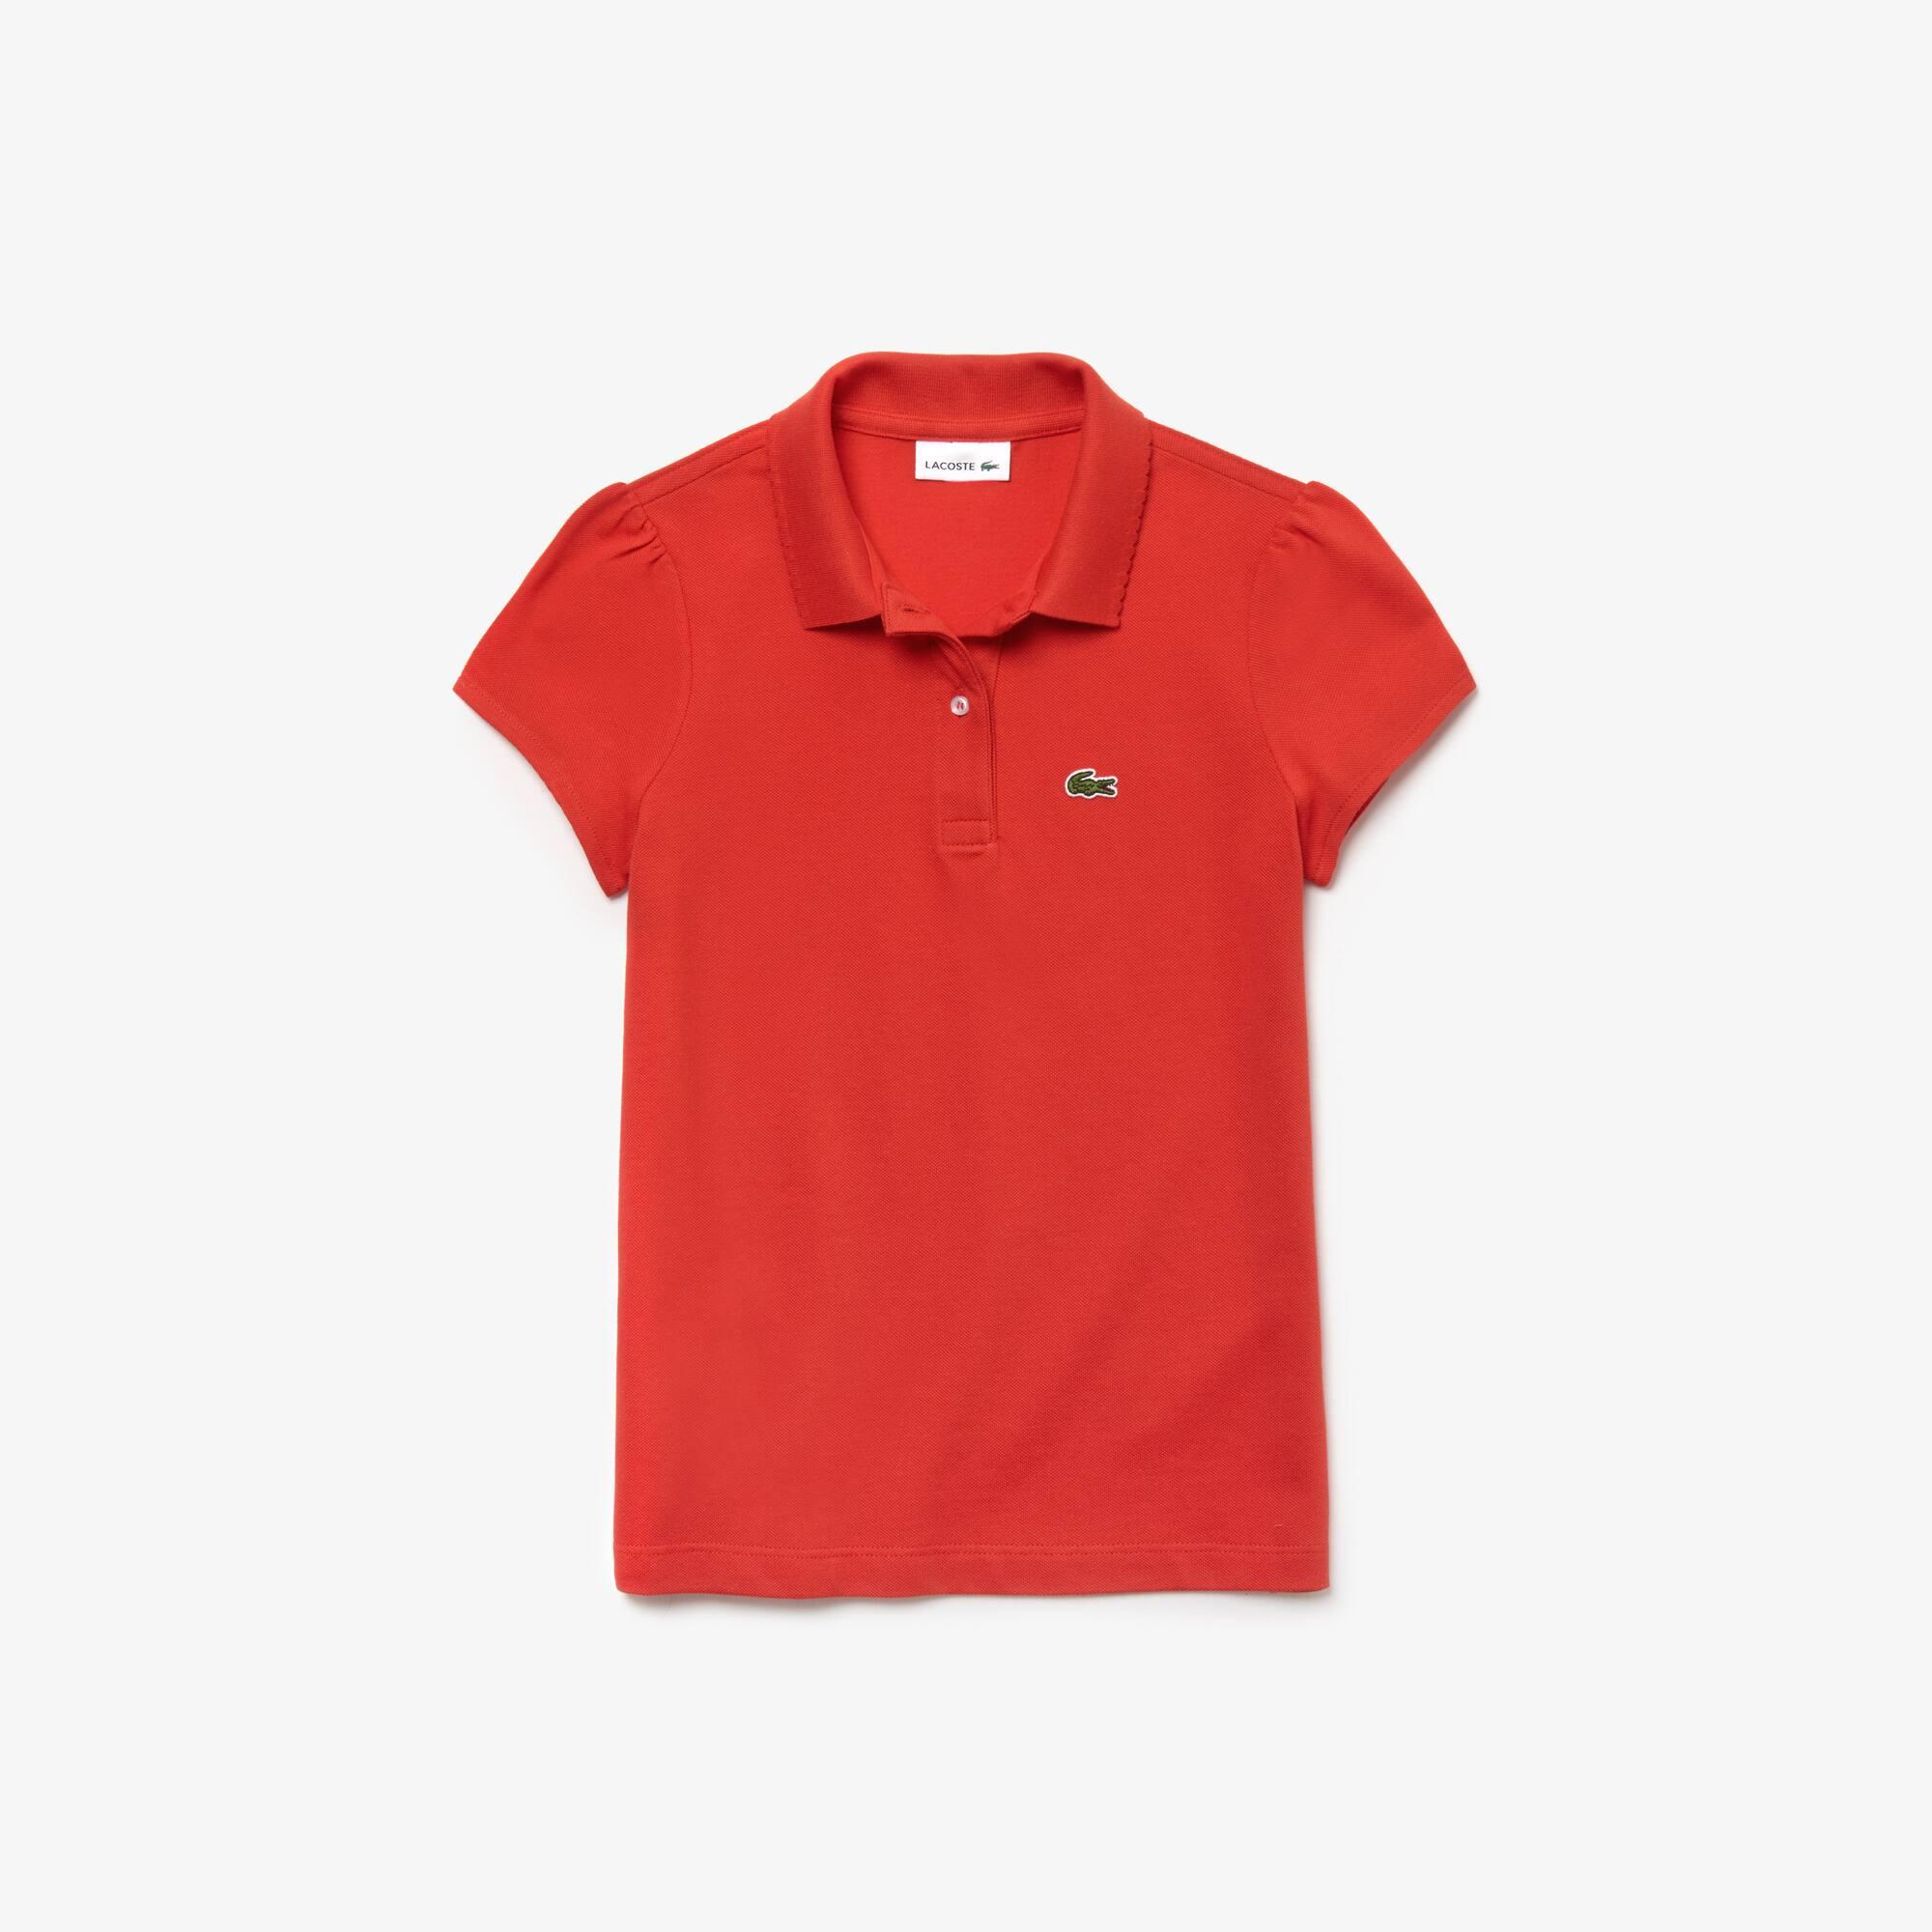 e08b9999e7 Girls' Lacoste Scalloped Collar Mini Piqué Polo Shirt